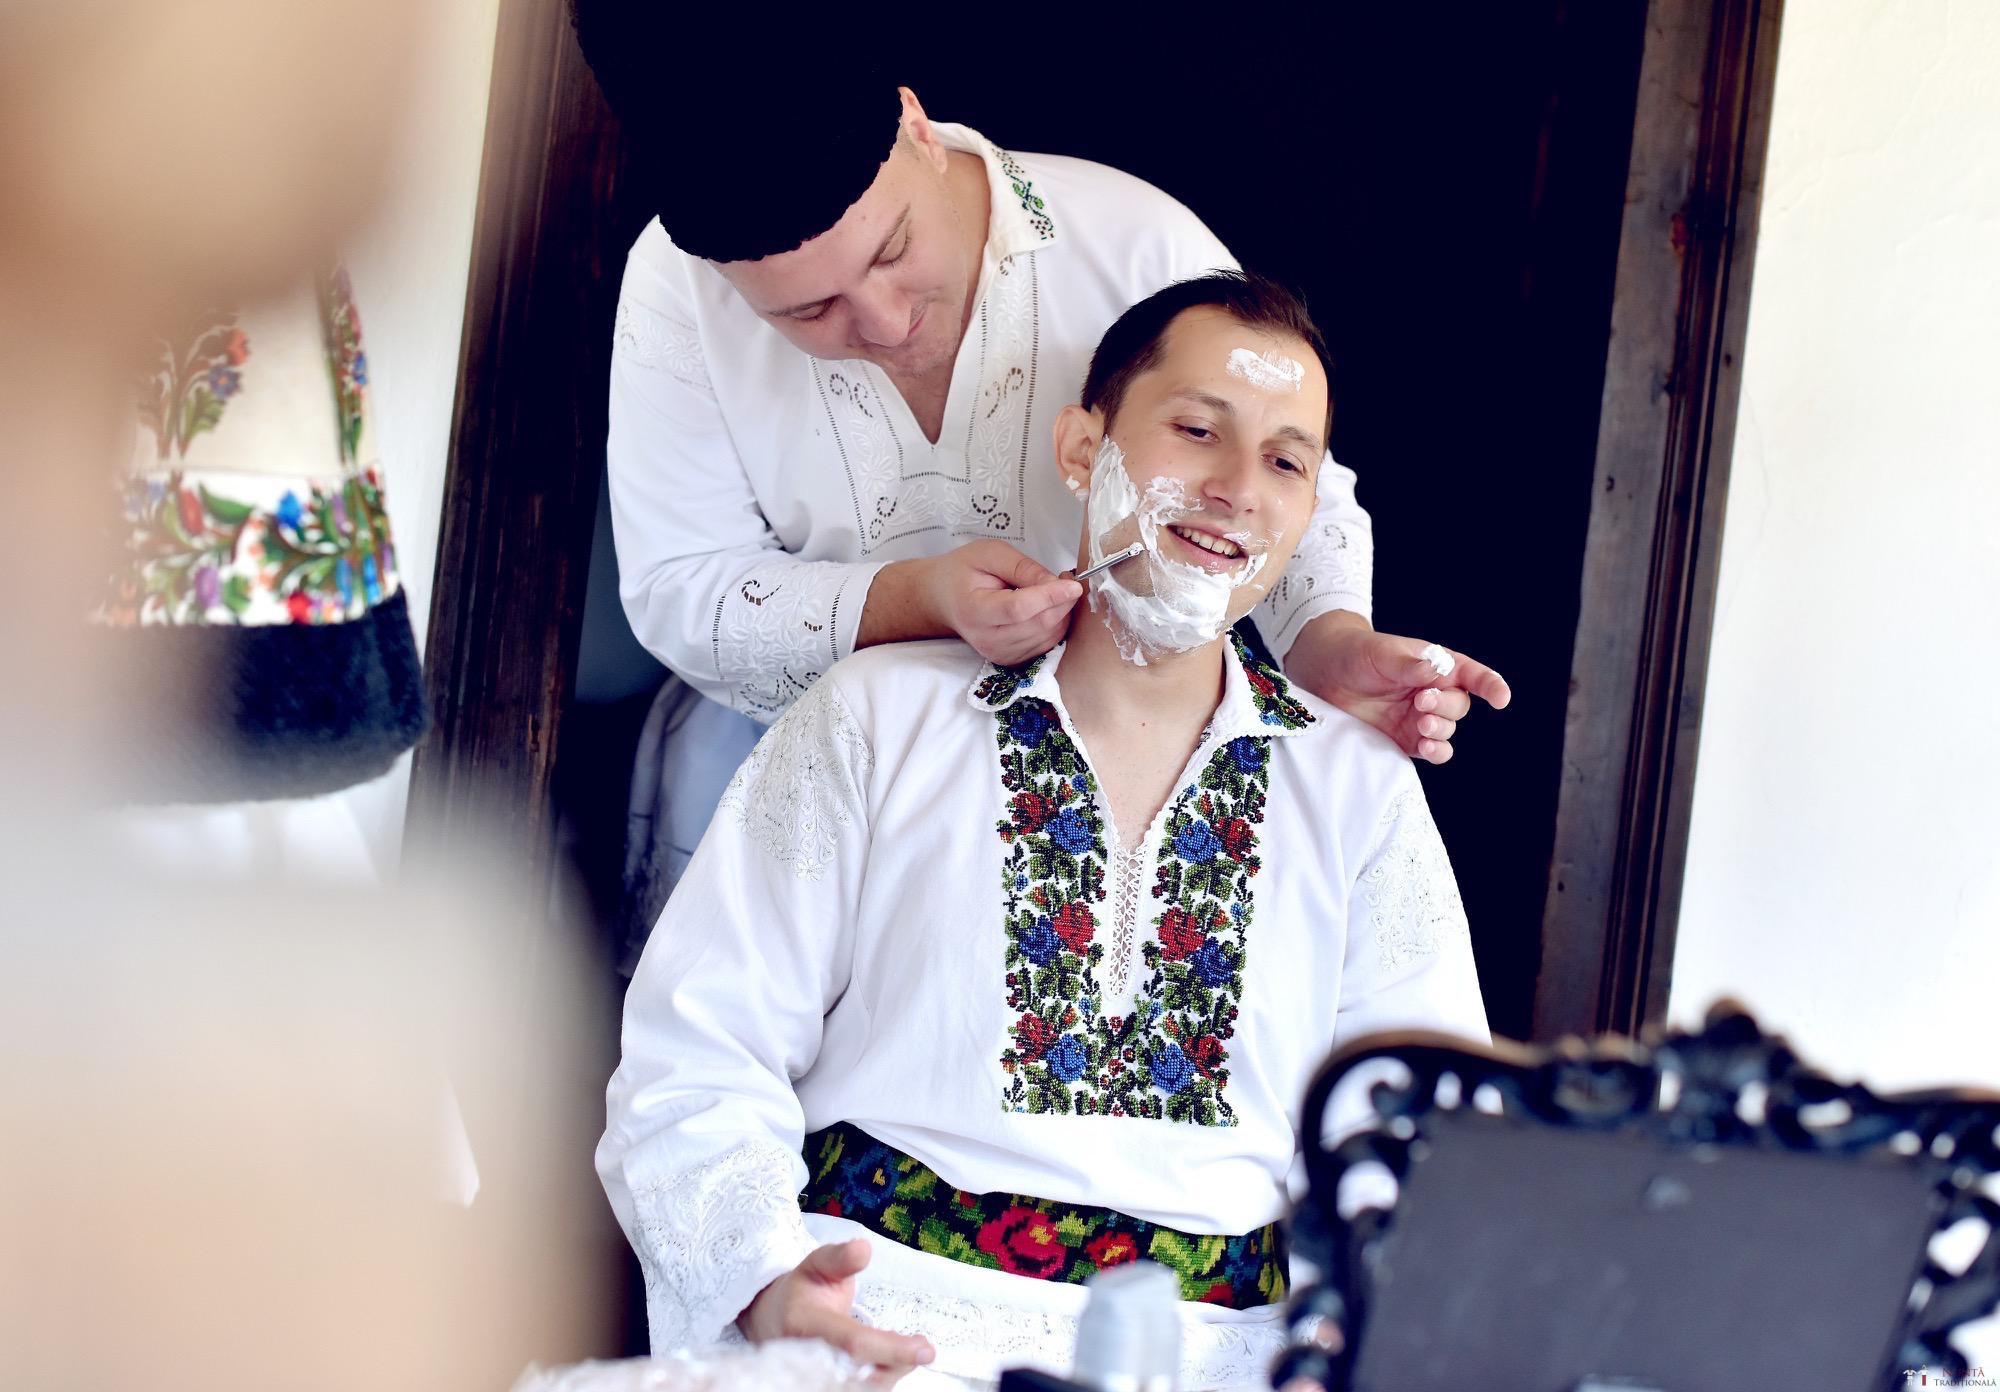 Povești Nunți Tradiționale - Iulia și Andrei. Nuntă tradițională în Bucovina. 33